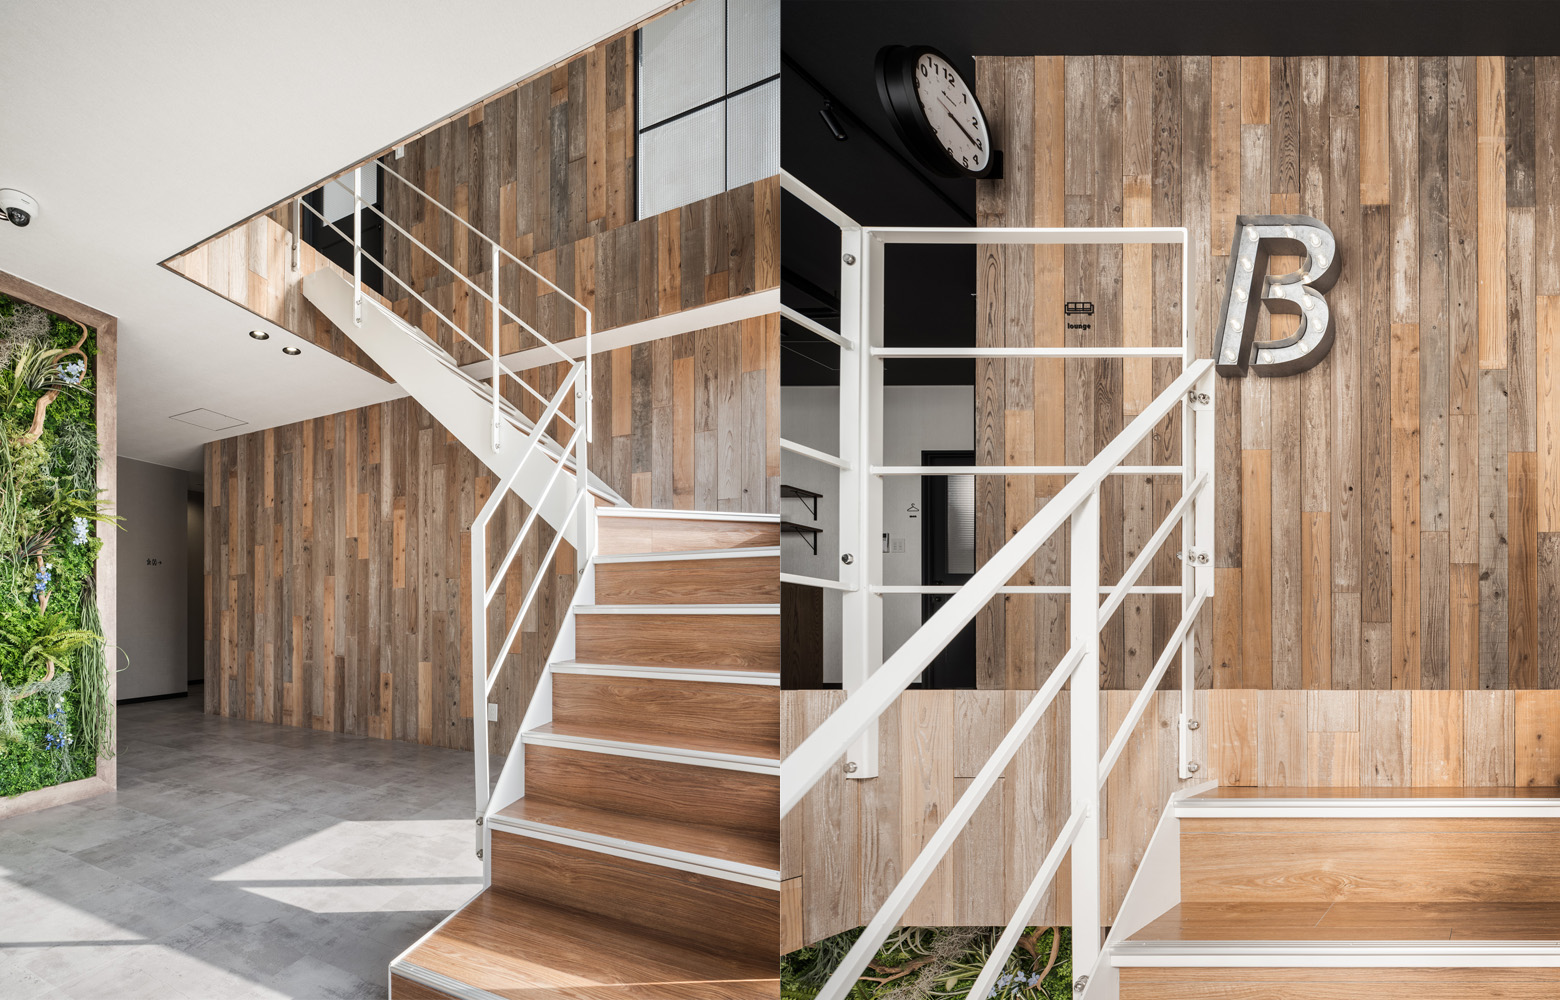 ベイラインエクスプレス株式会社 Stairs デザイン・レイアウト事例